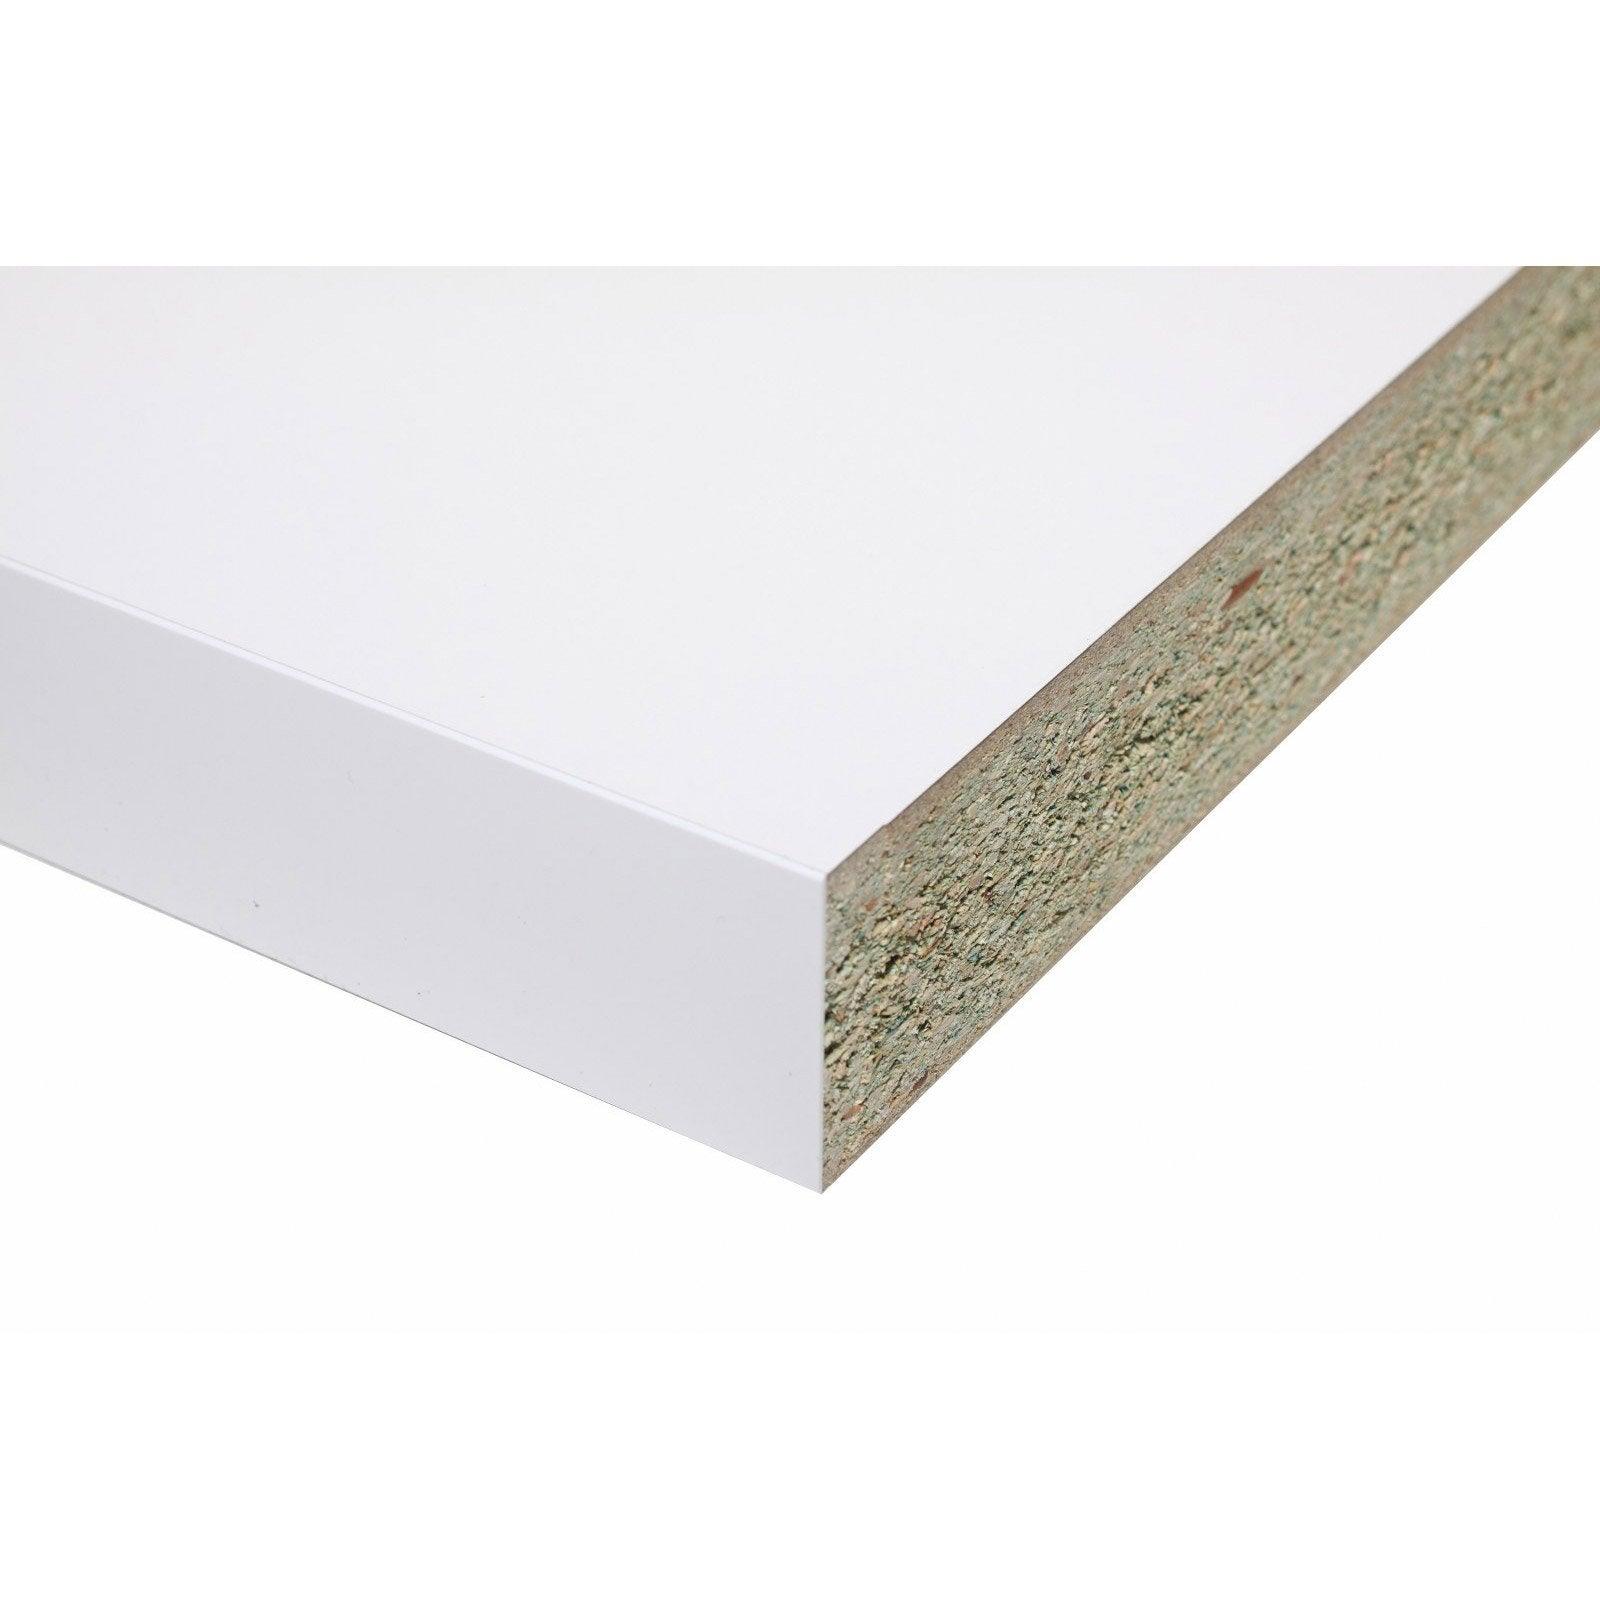 Plan de travail stratifié Blanc Brillant L.315 x P.65 cm, Ep.58 mm